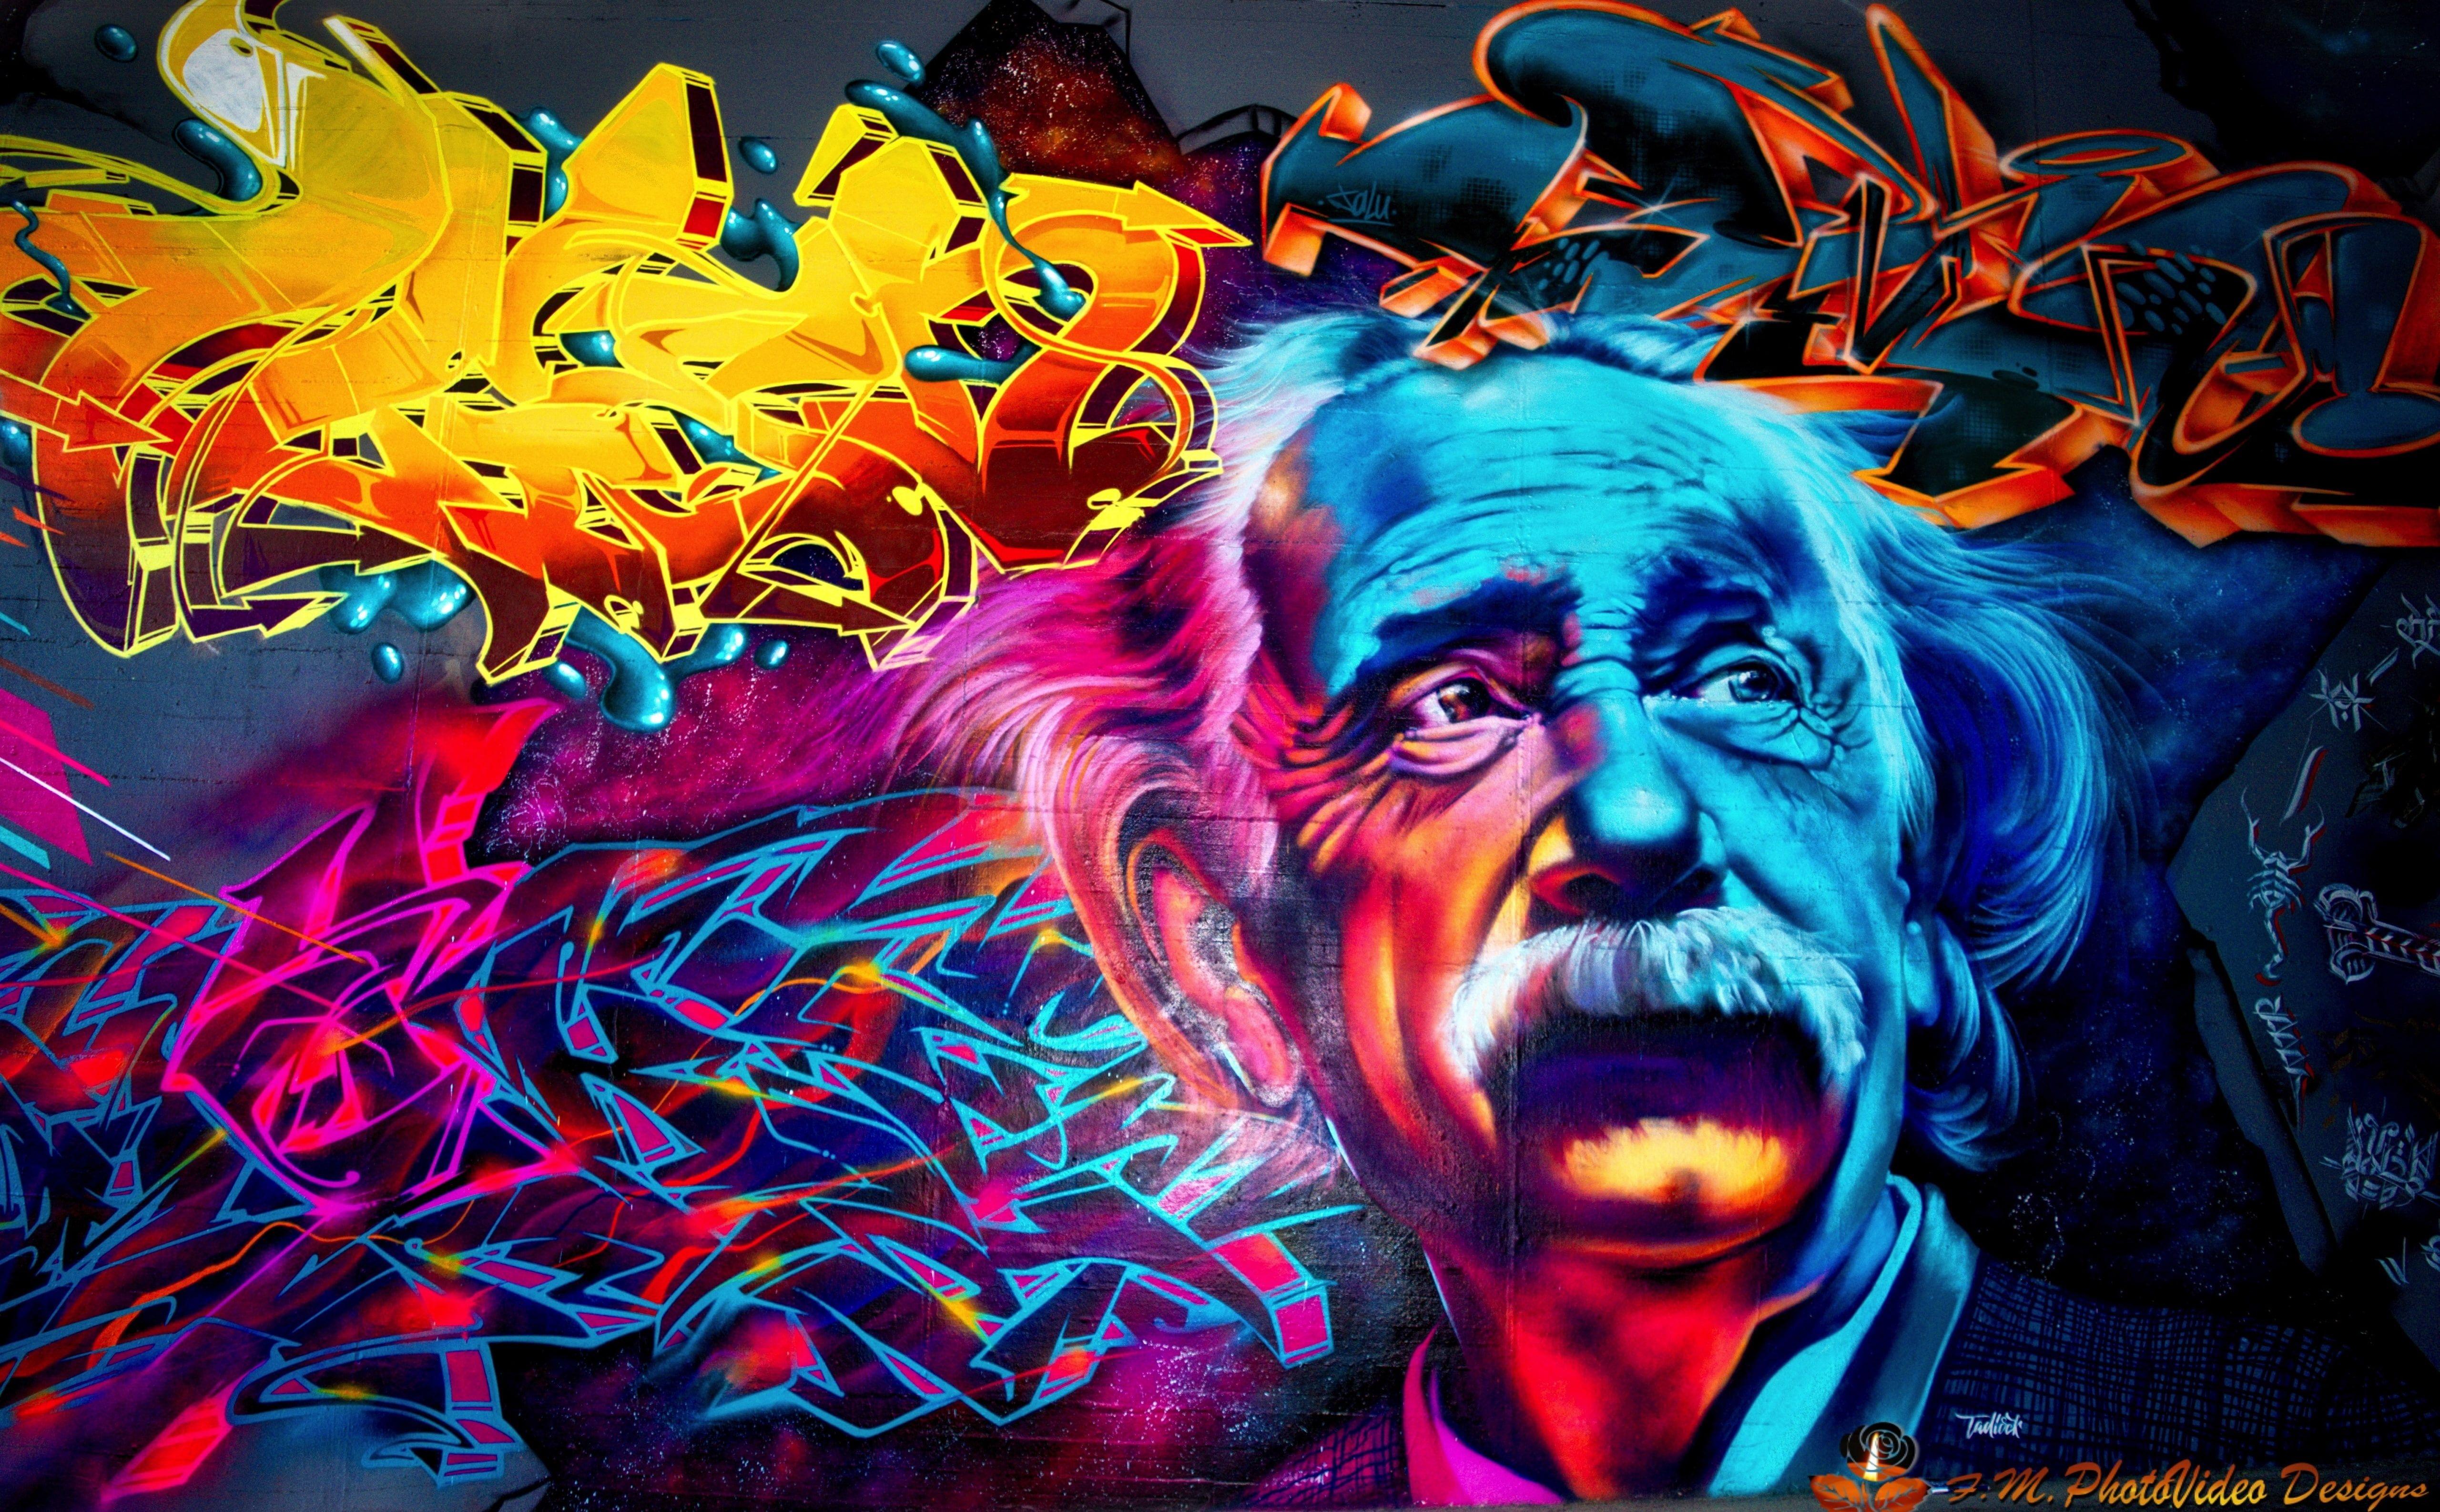 Street Art Albert Einstein abstract wallpaper Artistic Graffiti 5120x3173